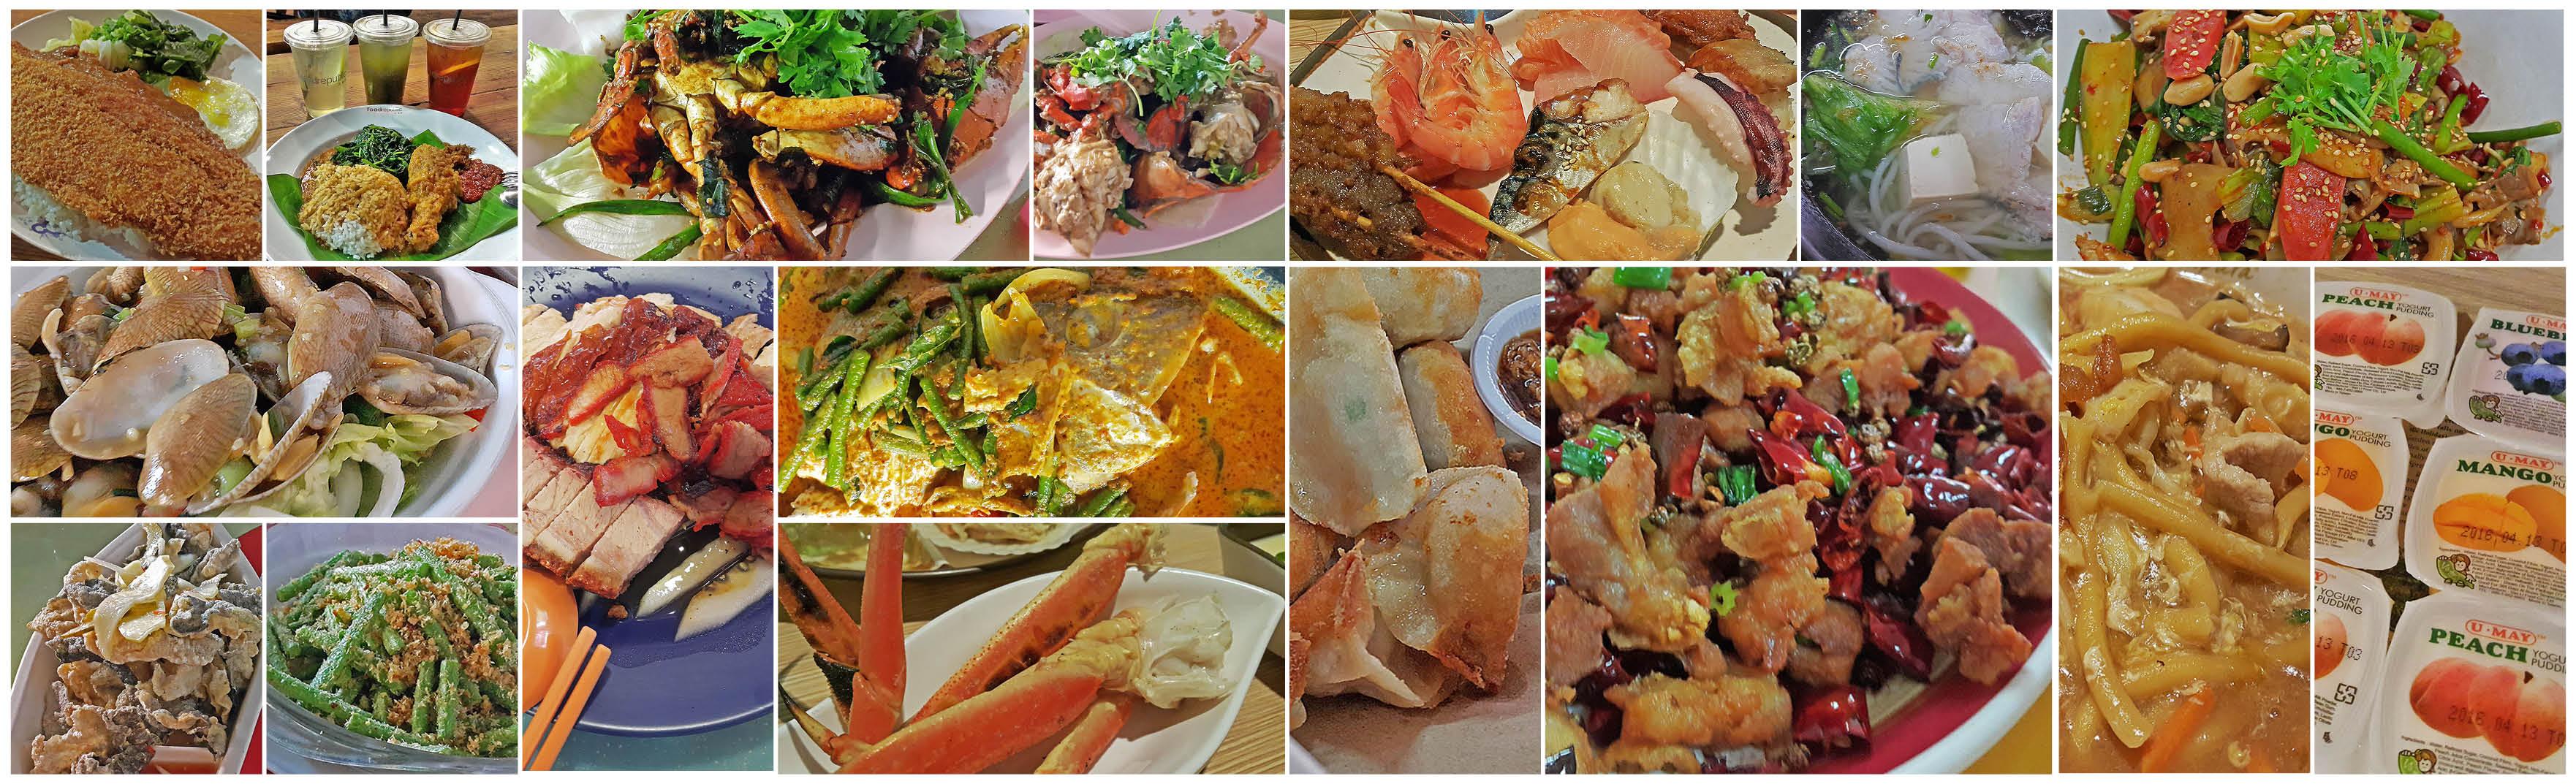 SG Trip Food